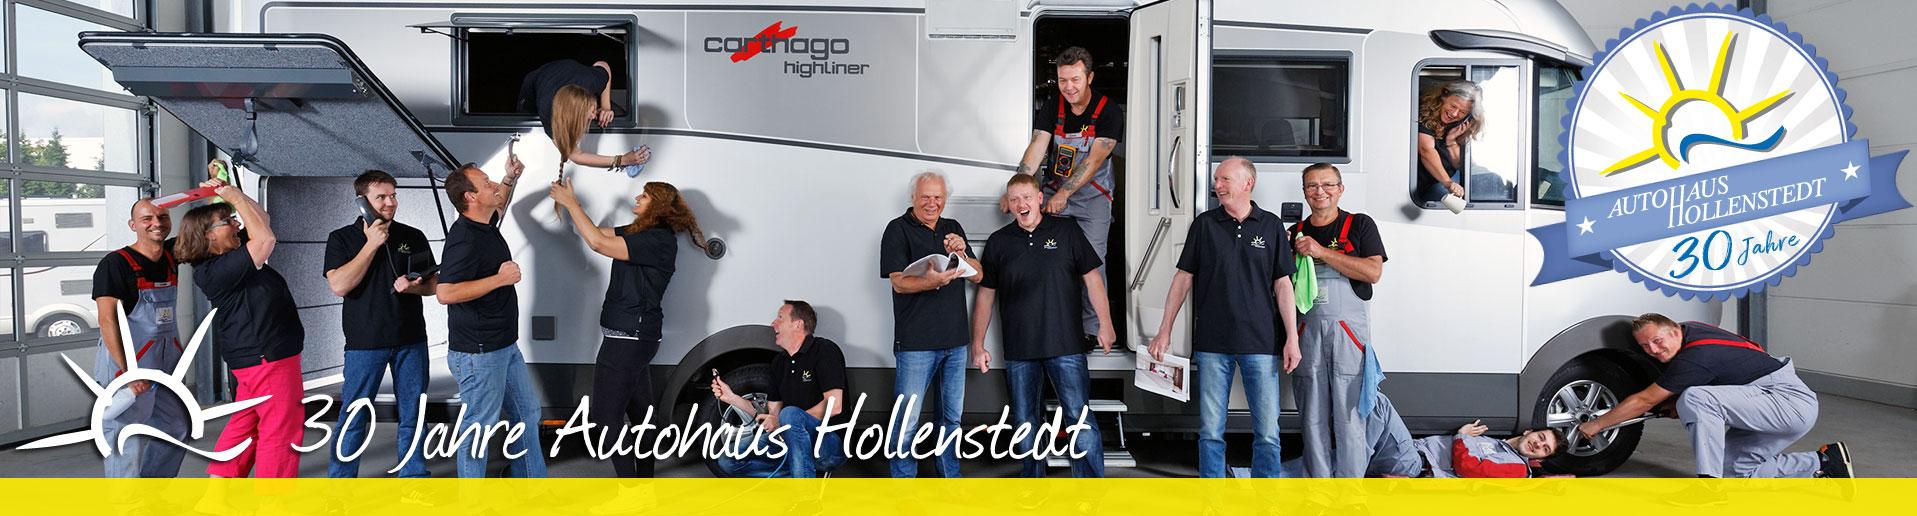 Unser Team feiert 30 Jahre Autohaus Hollenstedt